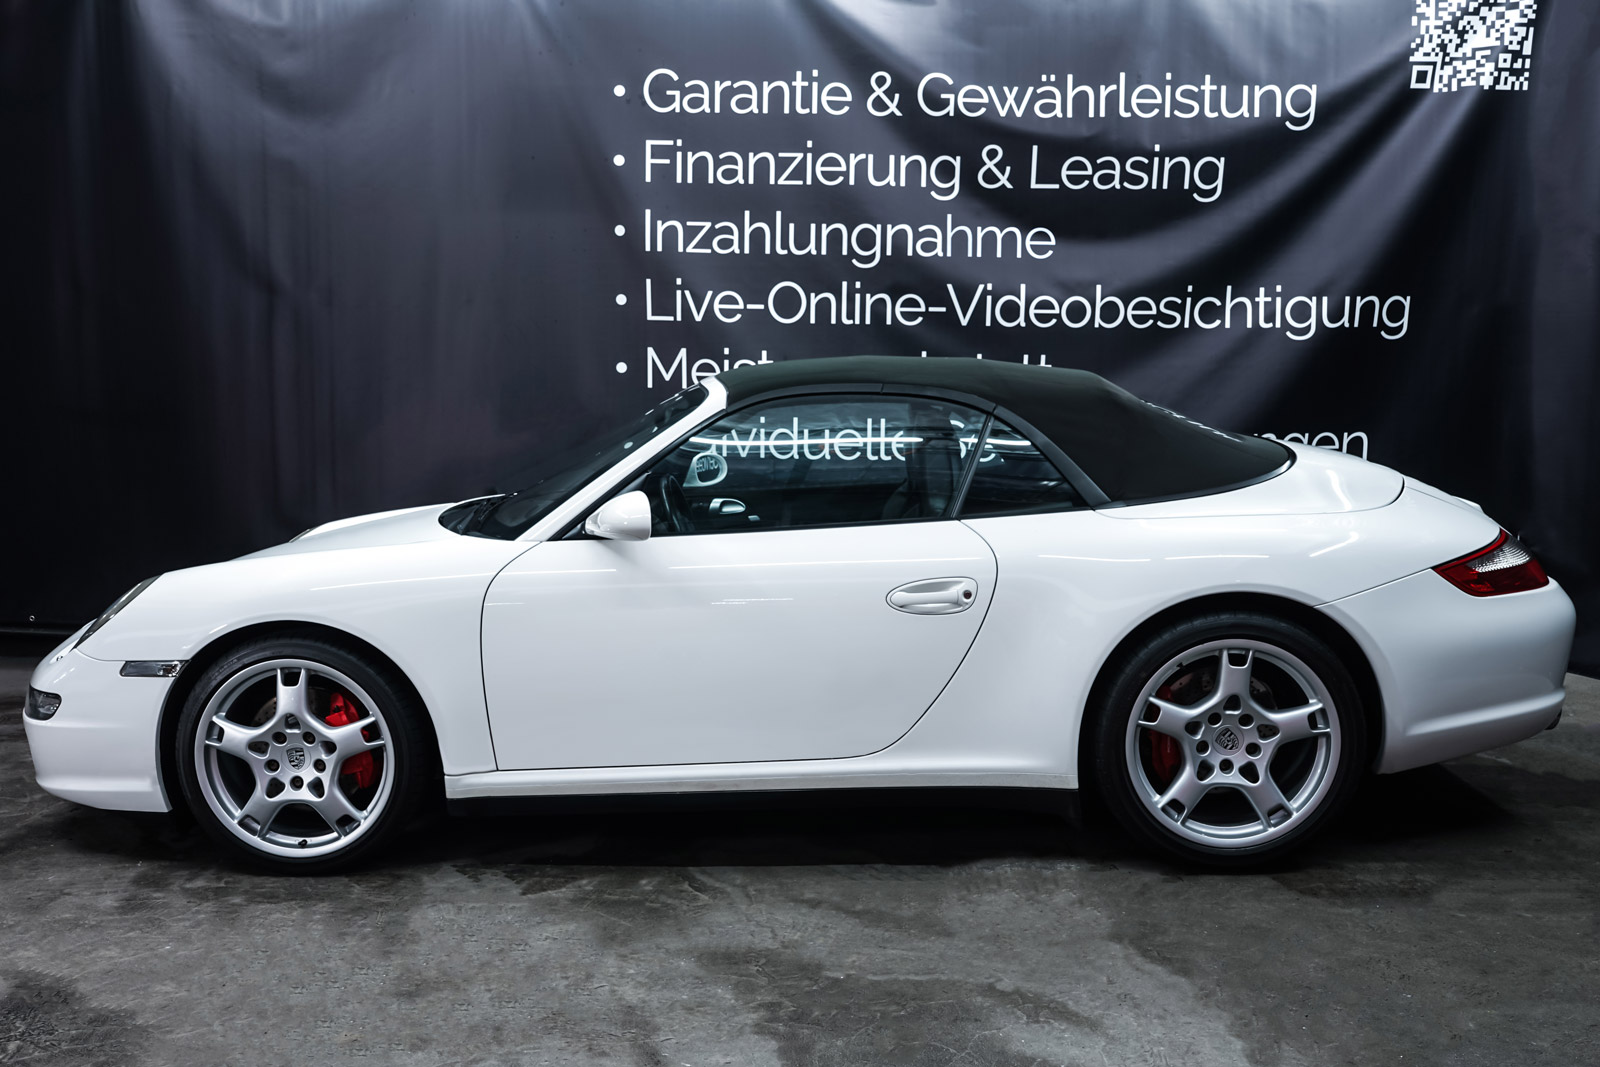 Porsche_997_C4S_Cabrio_Weiß_Braun_POR-4557_5_w